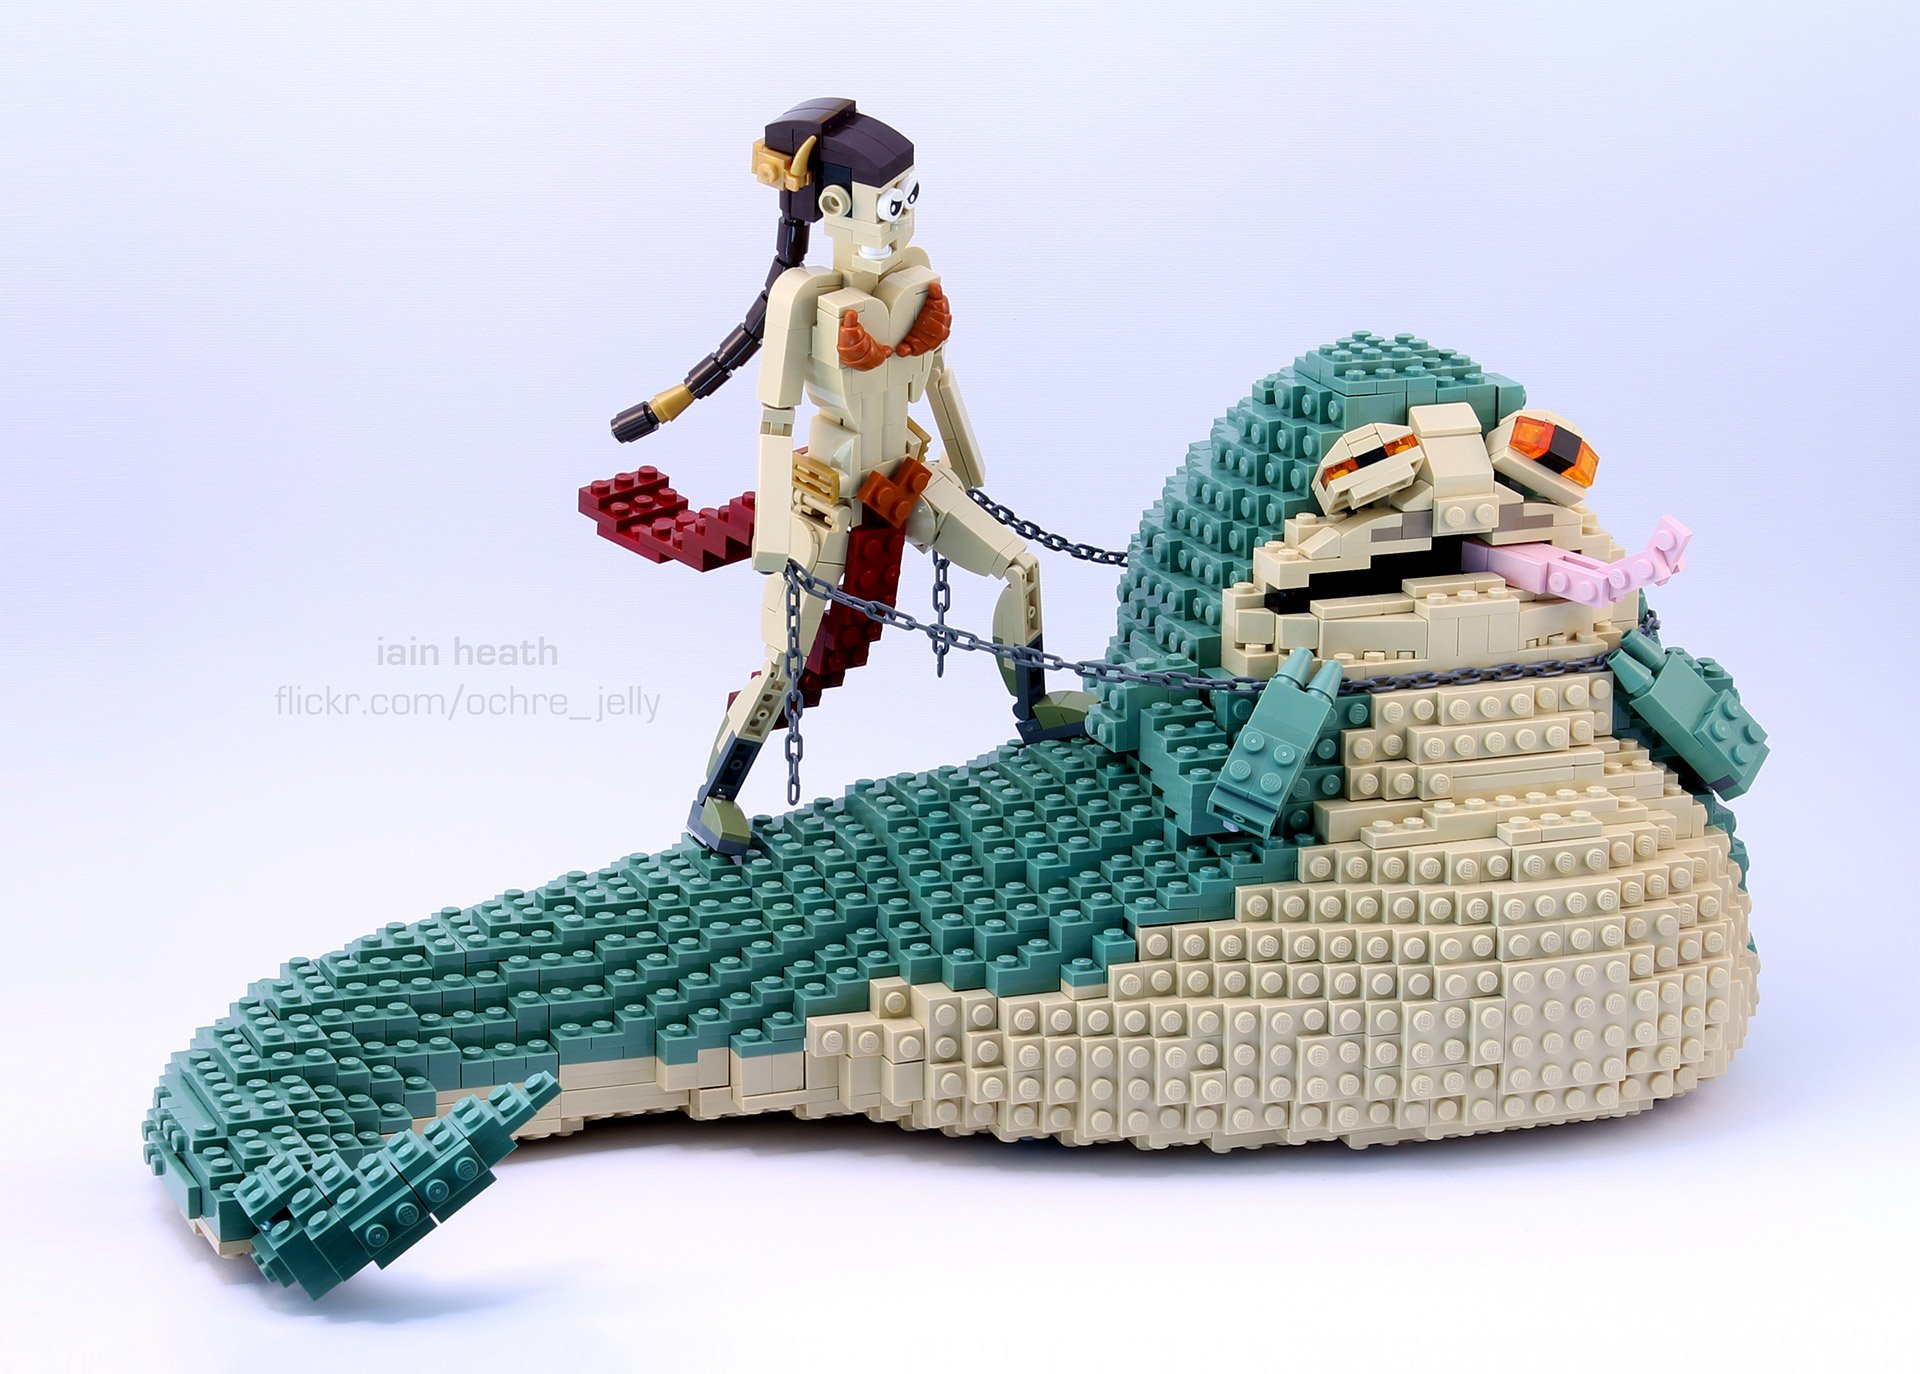 Leia vs. Jabba in LEGO, Whoa. - Technabob Jabba The Hutt And Leia